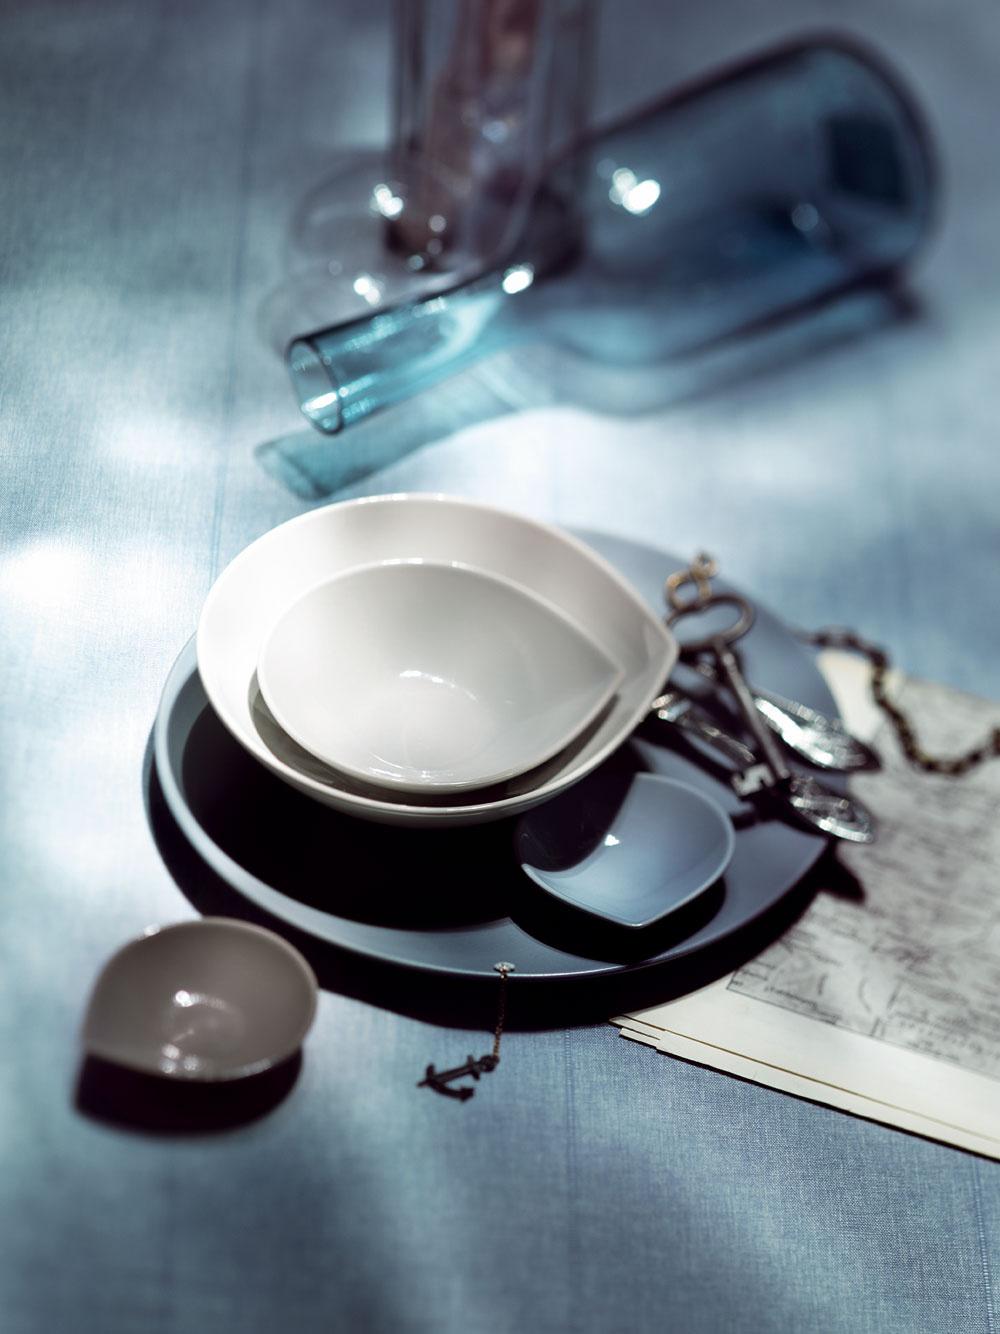 Súprava riadu anádob na servírovanie Mycket, cena od 0,99 €/ks, predáva IKEA.